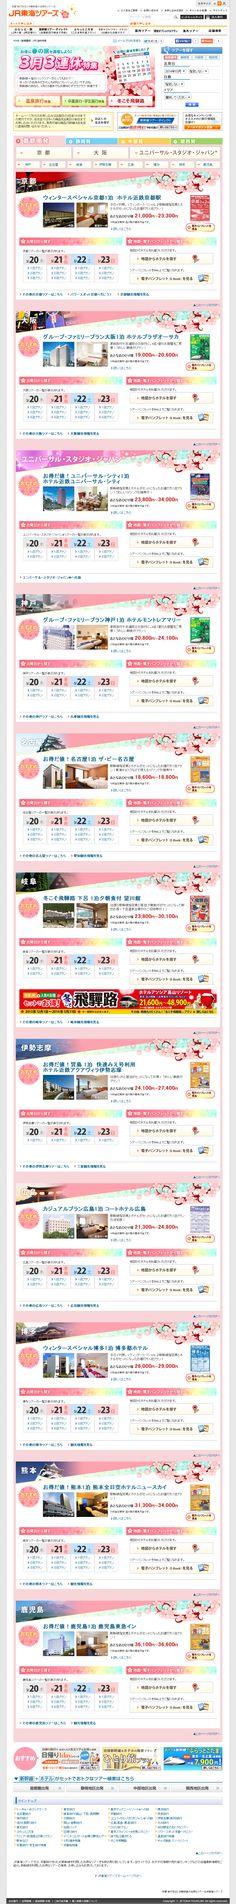 首都圏発 3月3連休特集 京都-旅行をはじめ新幹線のお得なツアーはJR東海ツアーズ